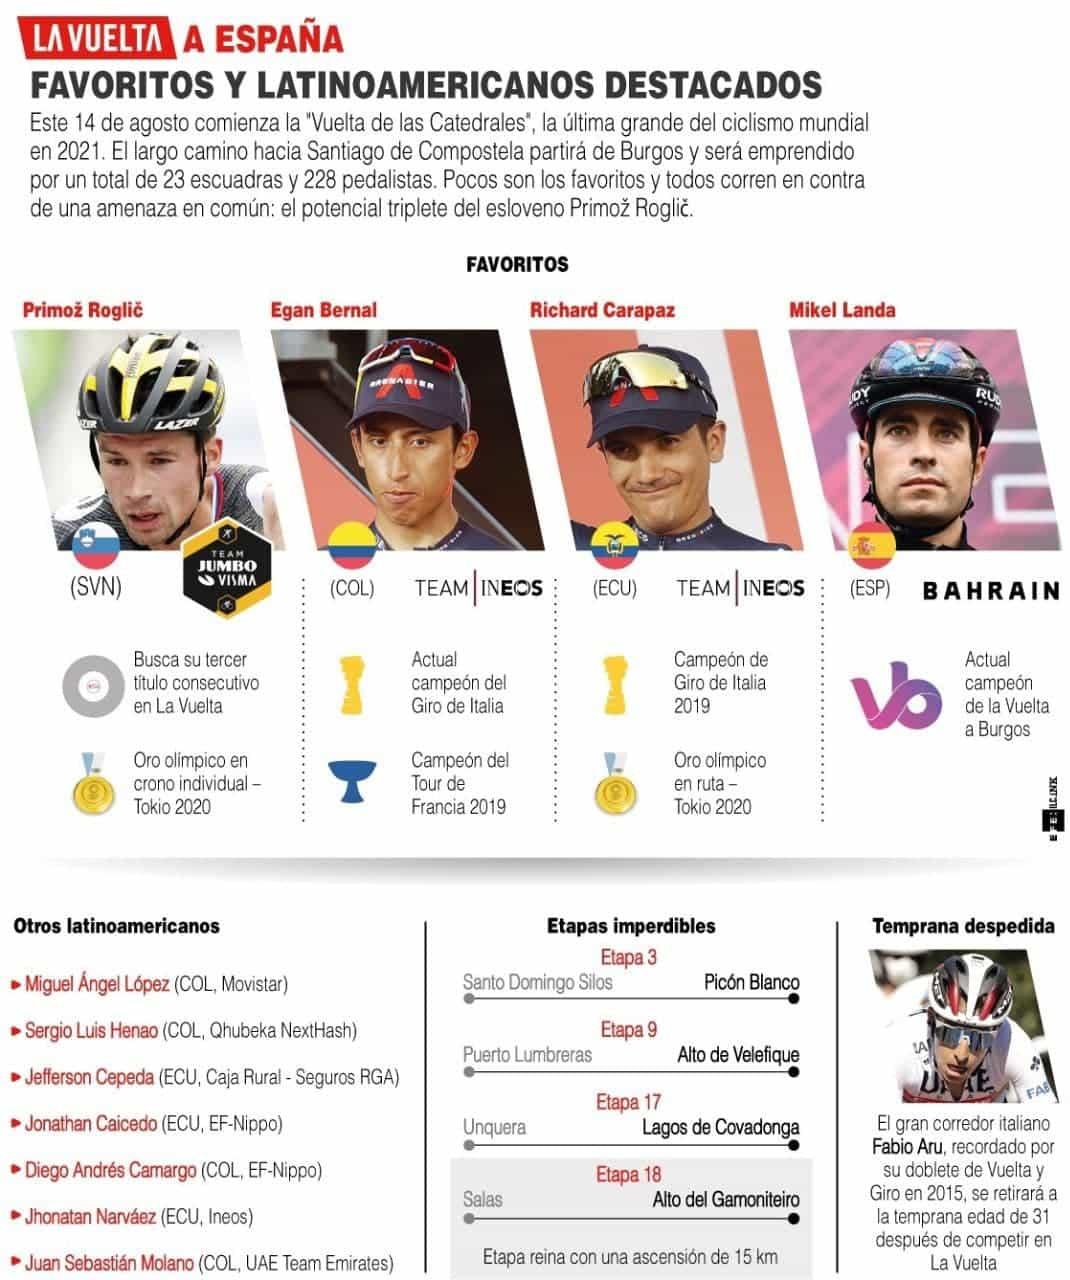 [Infografía] Hoy arranca la Vuelta a España y aquí le contamos quiénes son los favoritos 1